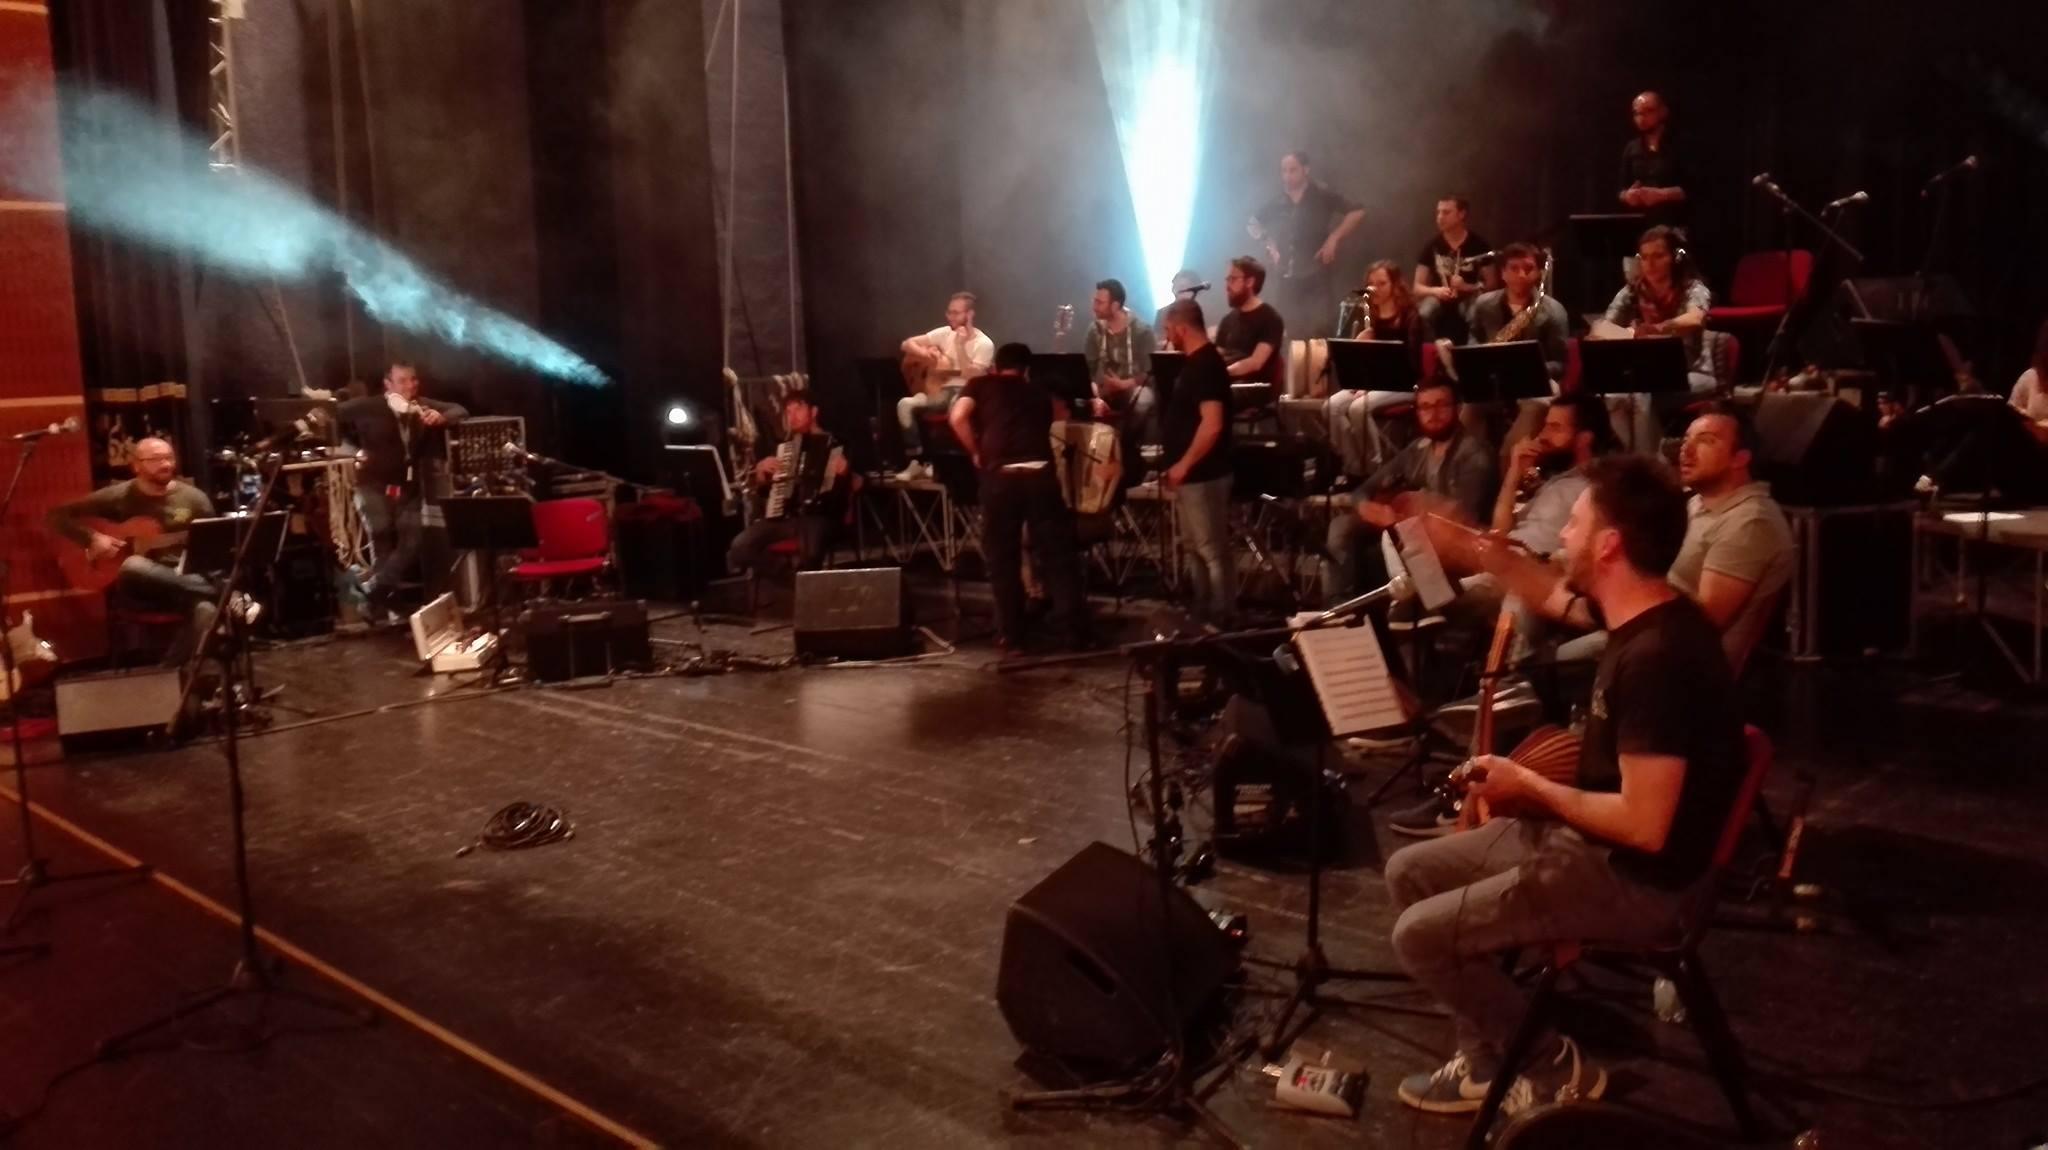 """Martedì 26 Luglio a Monte Sant'Angelo torna la Grande Orchestra Popolare """"OPM & Capitanata"""", nella splendida cornice di FestambienteSud"""